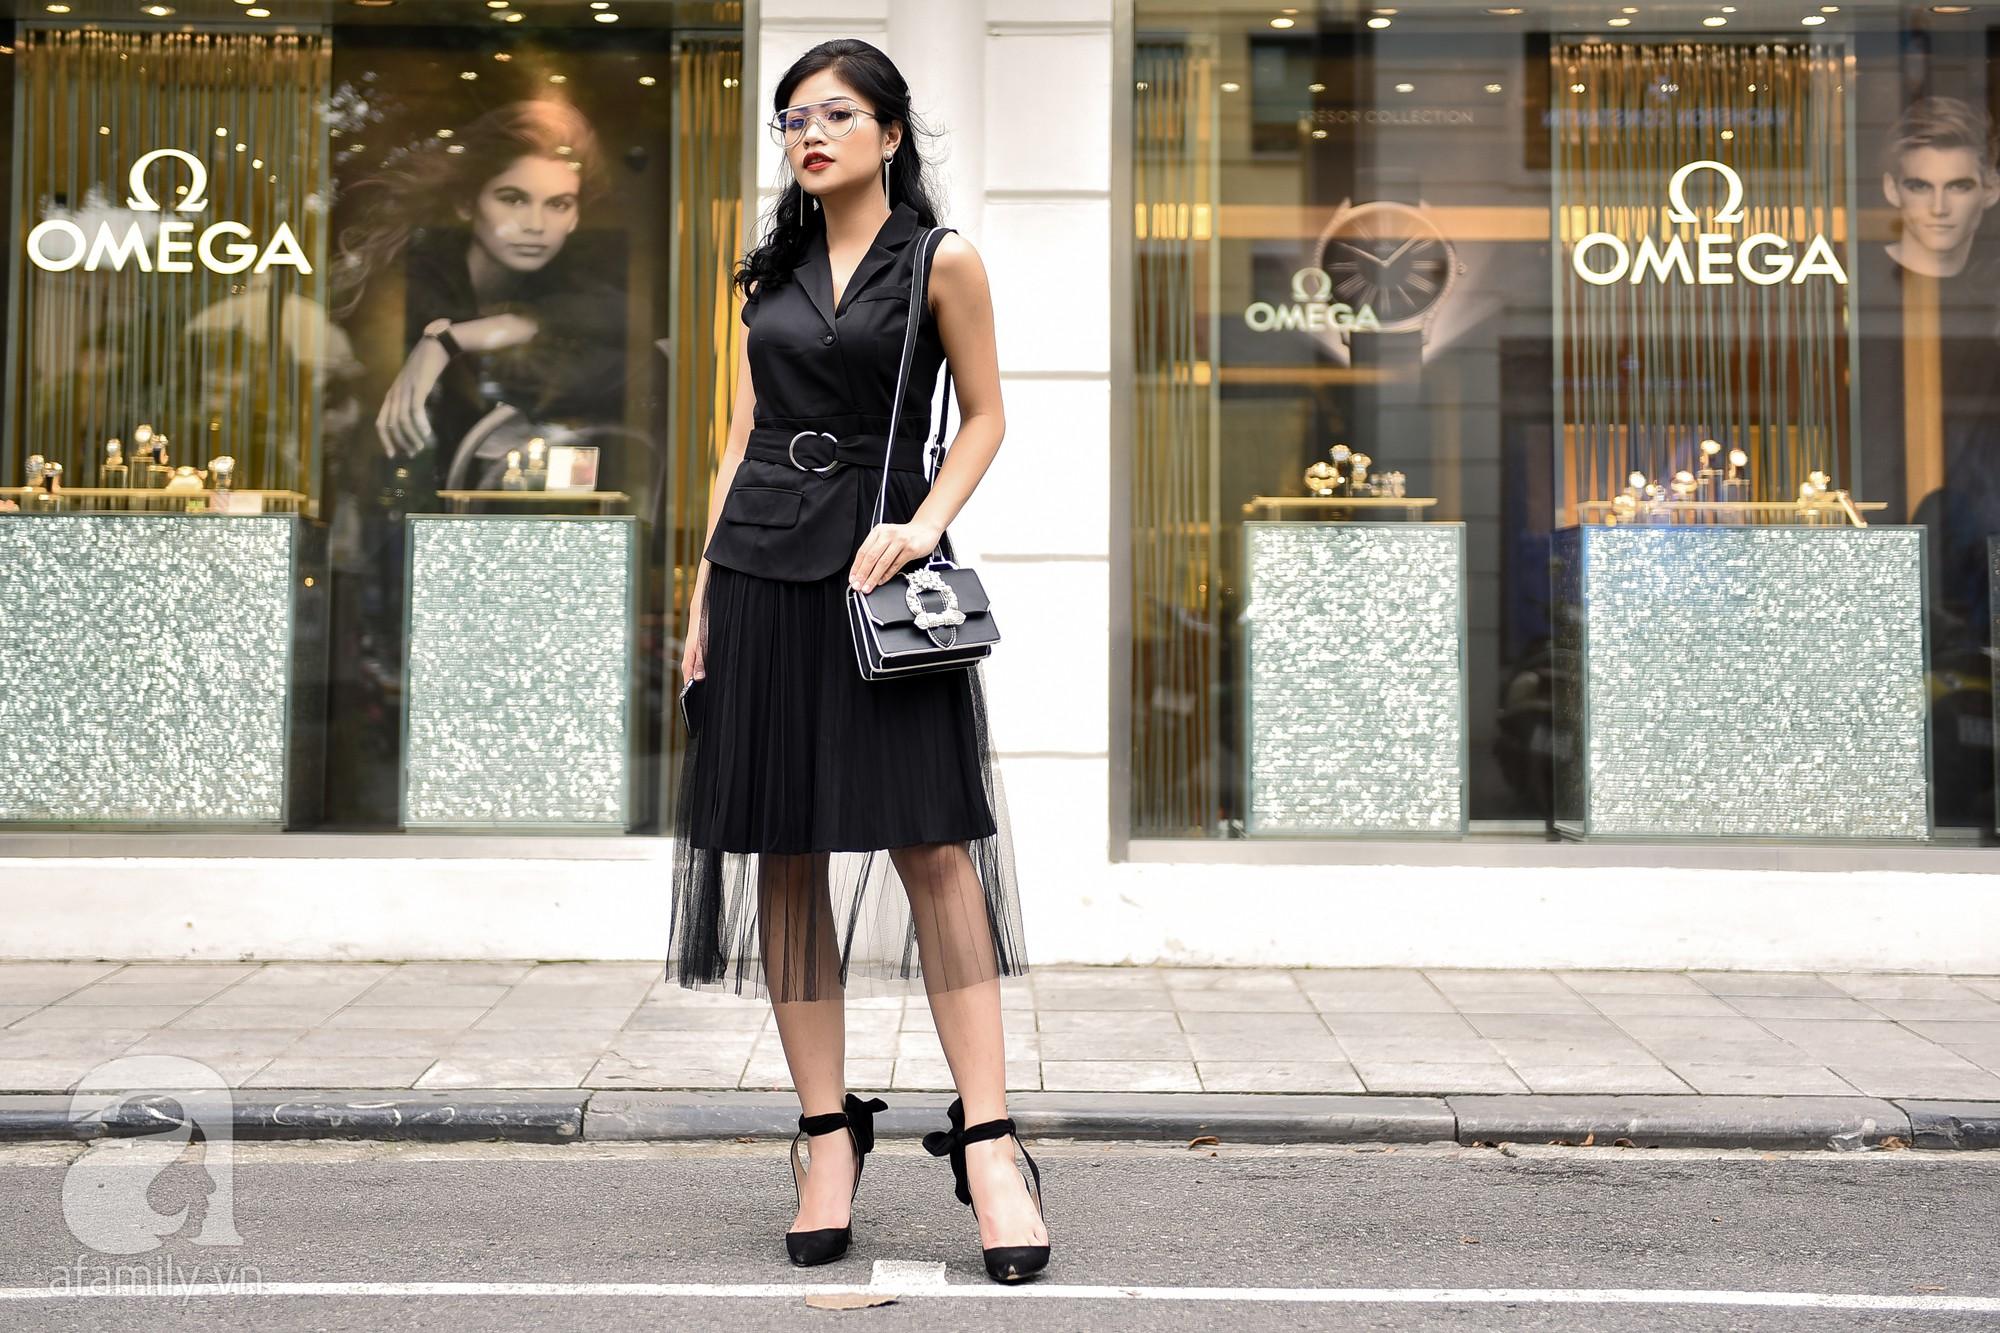 Có ai diện phụ kiện vừa chất vừa điệu như các quý cô miền Bắc trong street style tuần này - Ảnh 8.